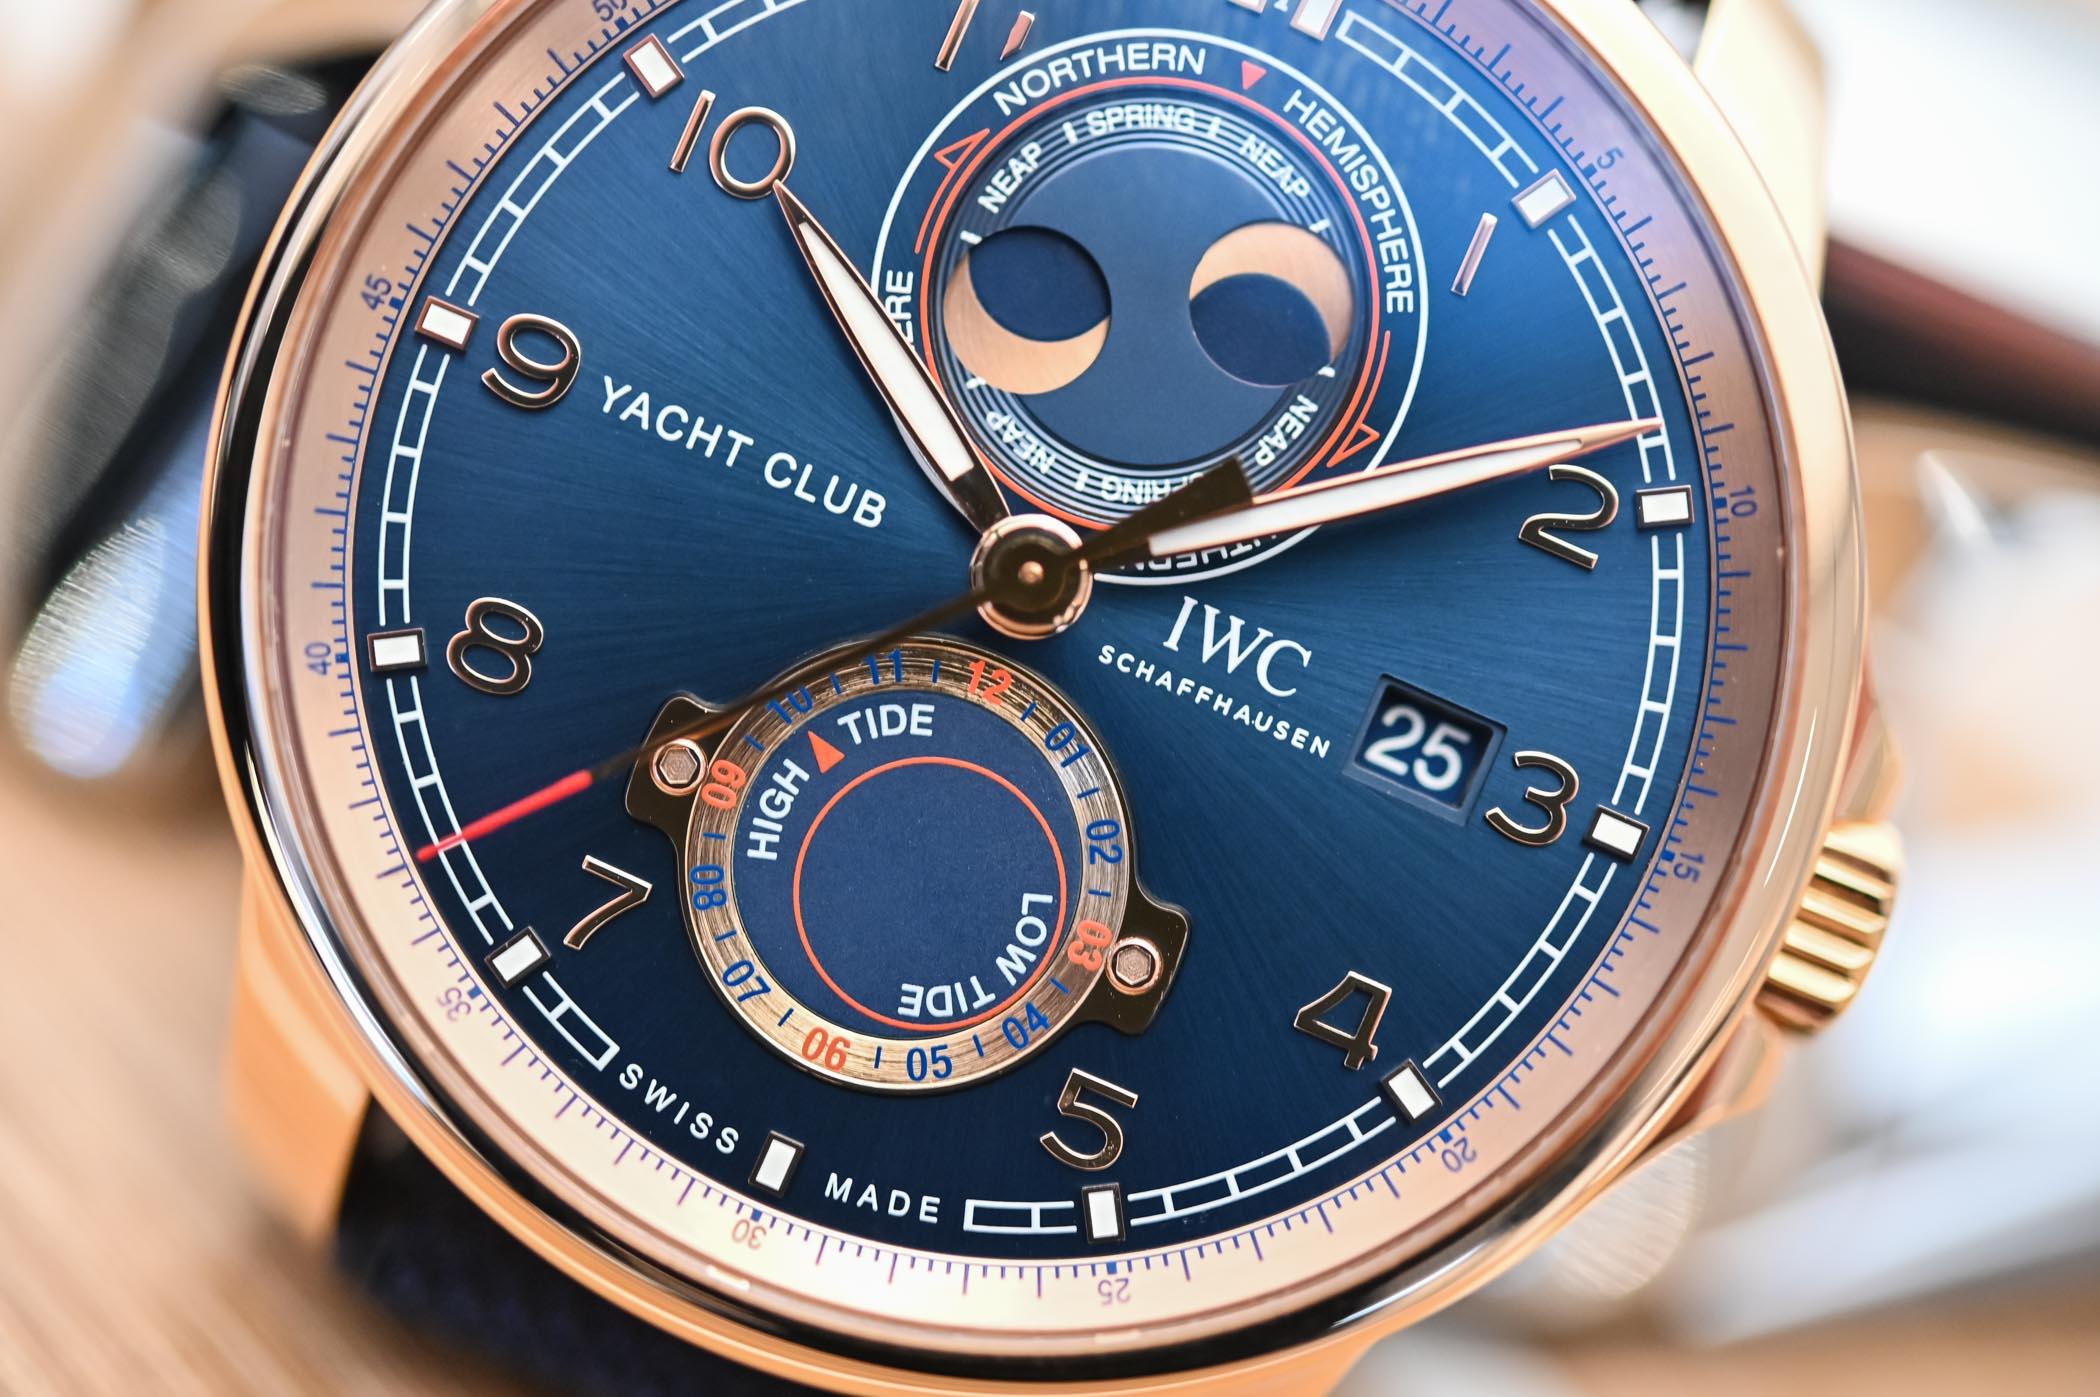 Portugieser Yacht Club Moon & Tide - IW344001